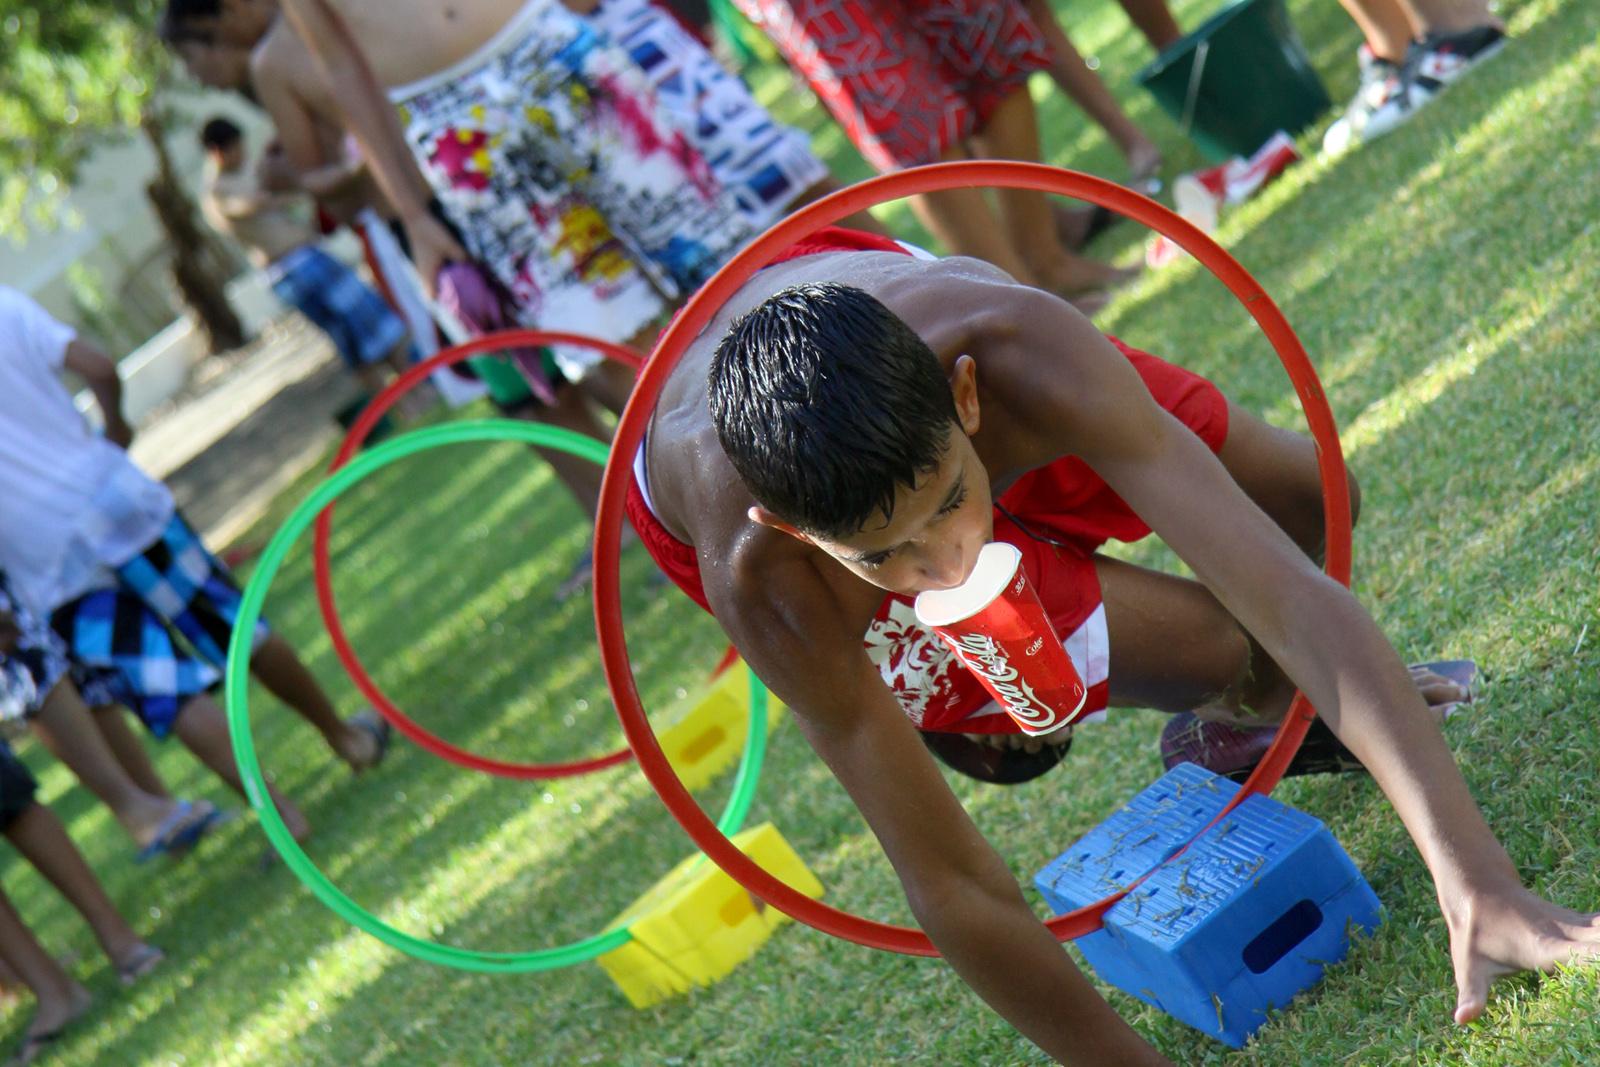 Juegos-de-Campamento-para-Niños-de-6-a-12-años-7